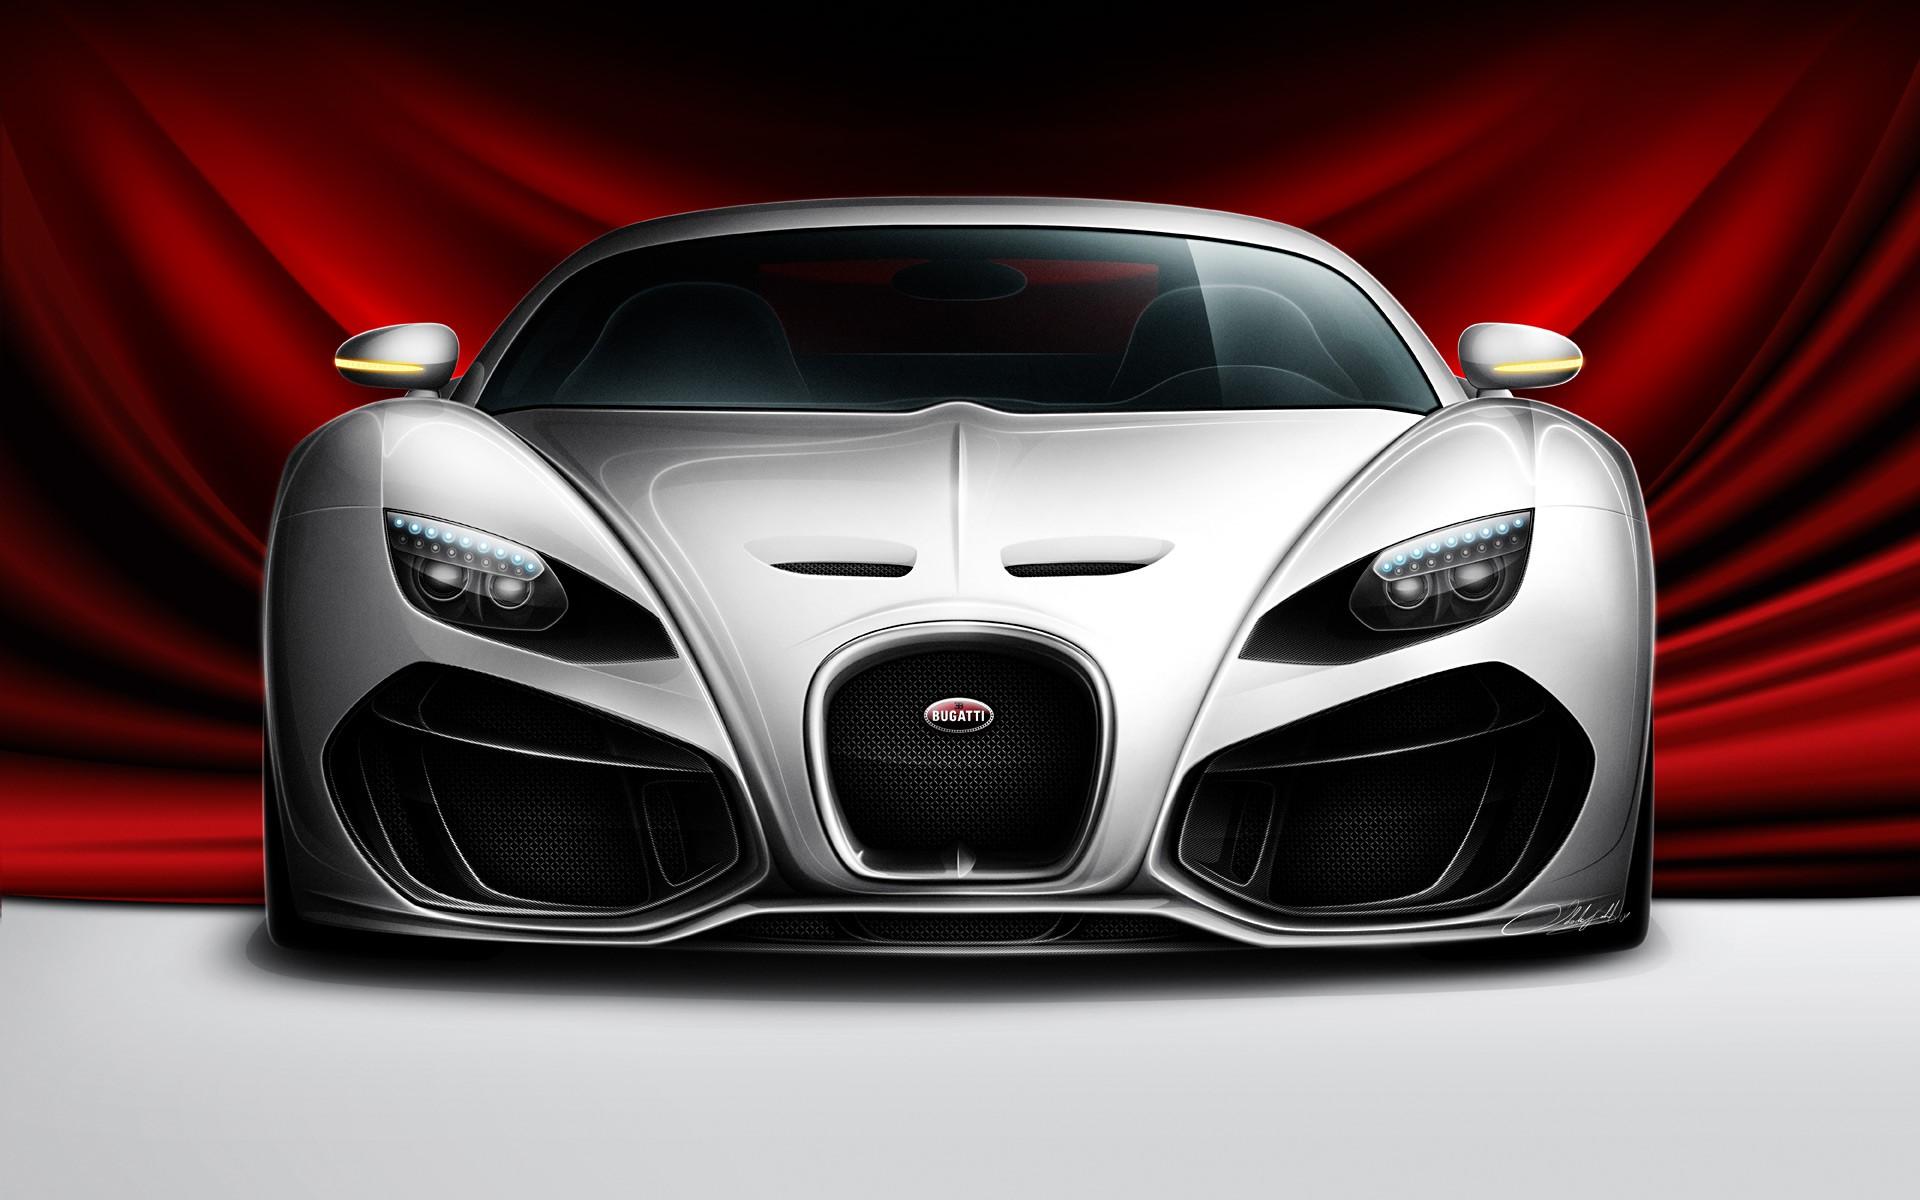 Bugatti Venom Wallpaper HD Free